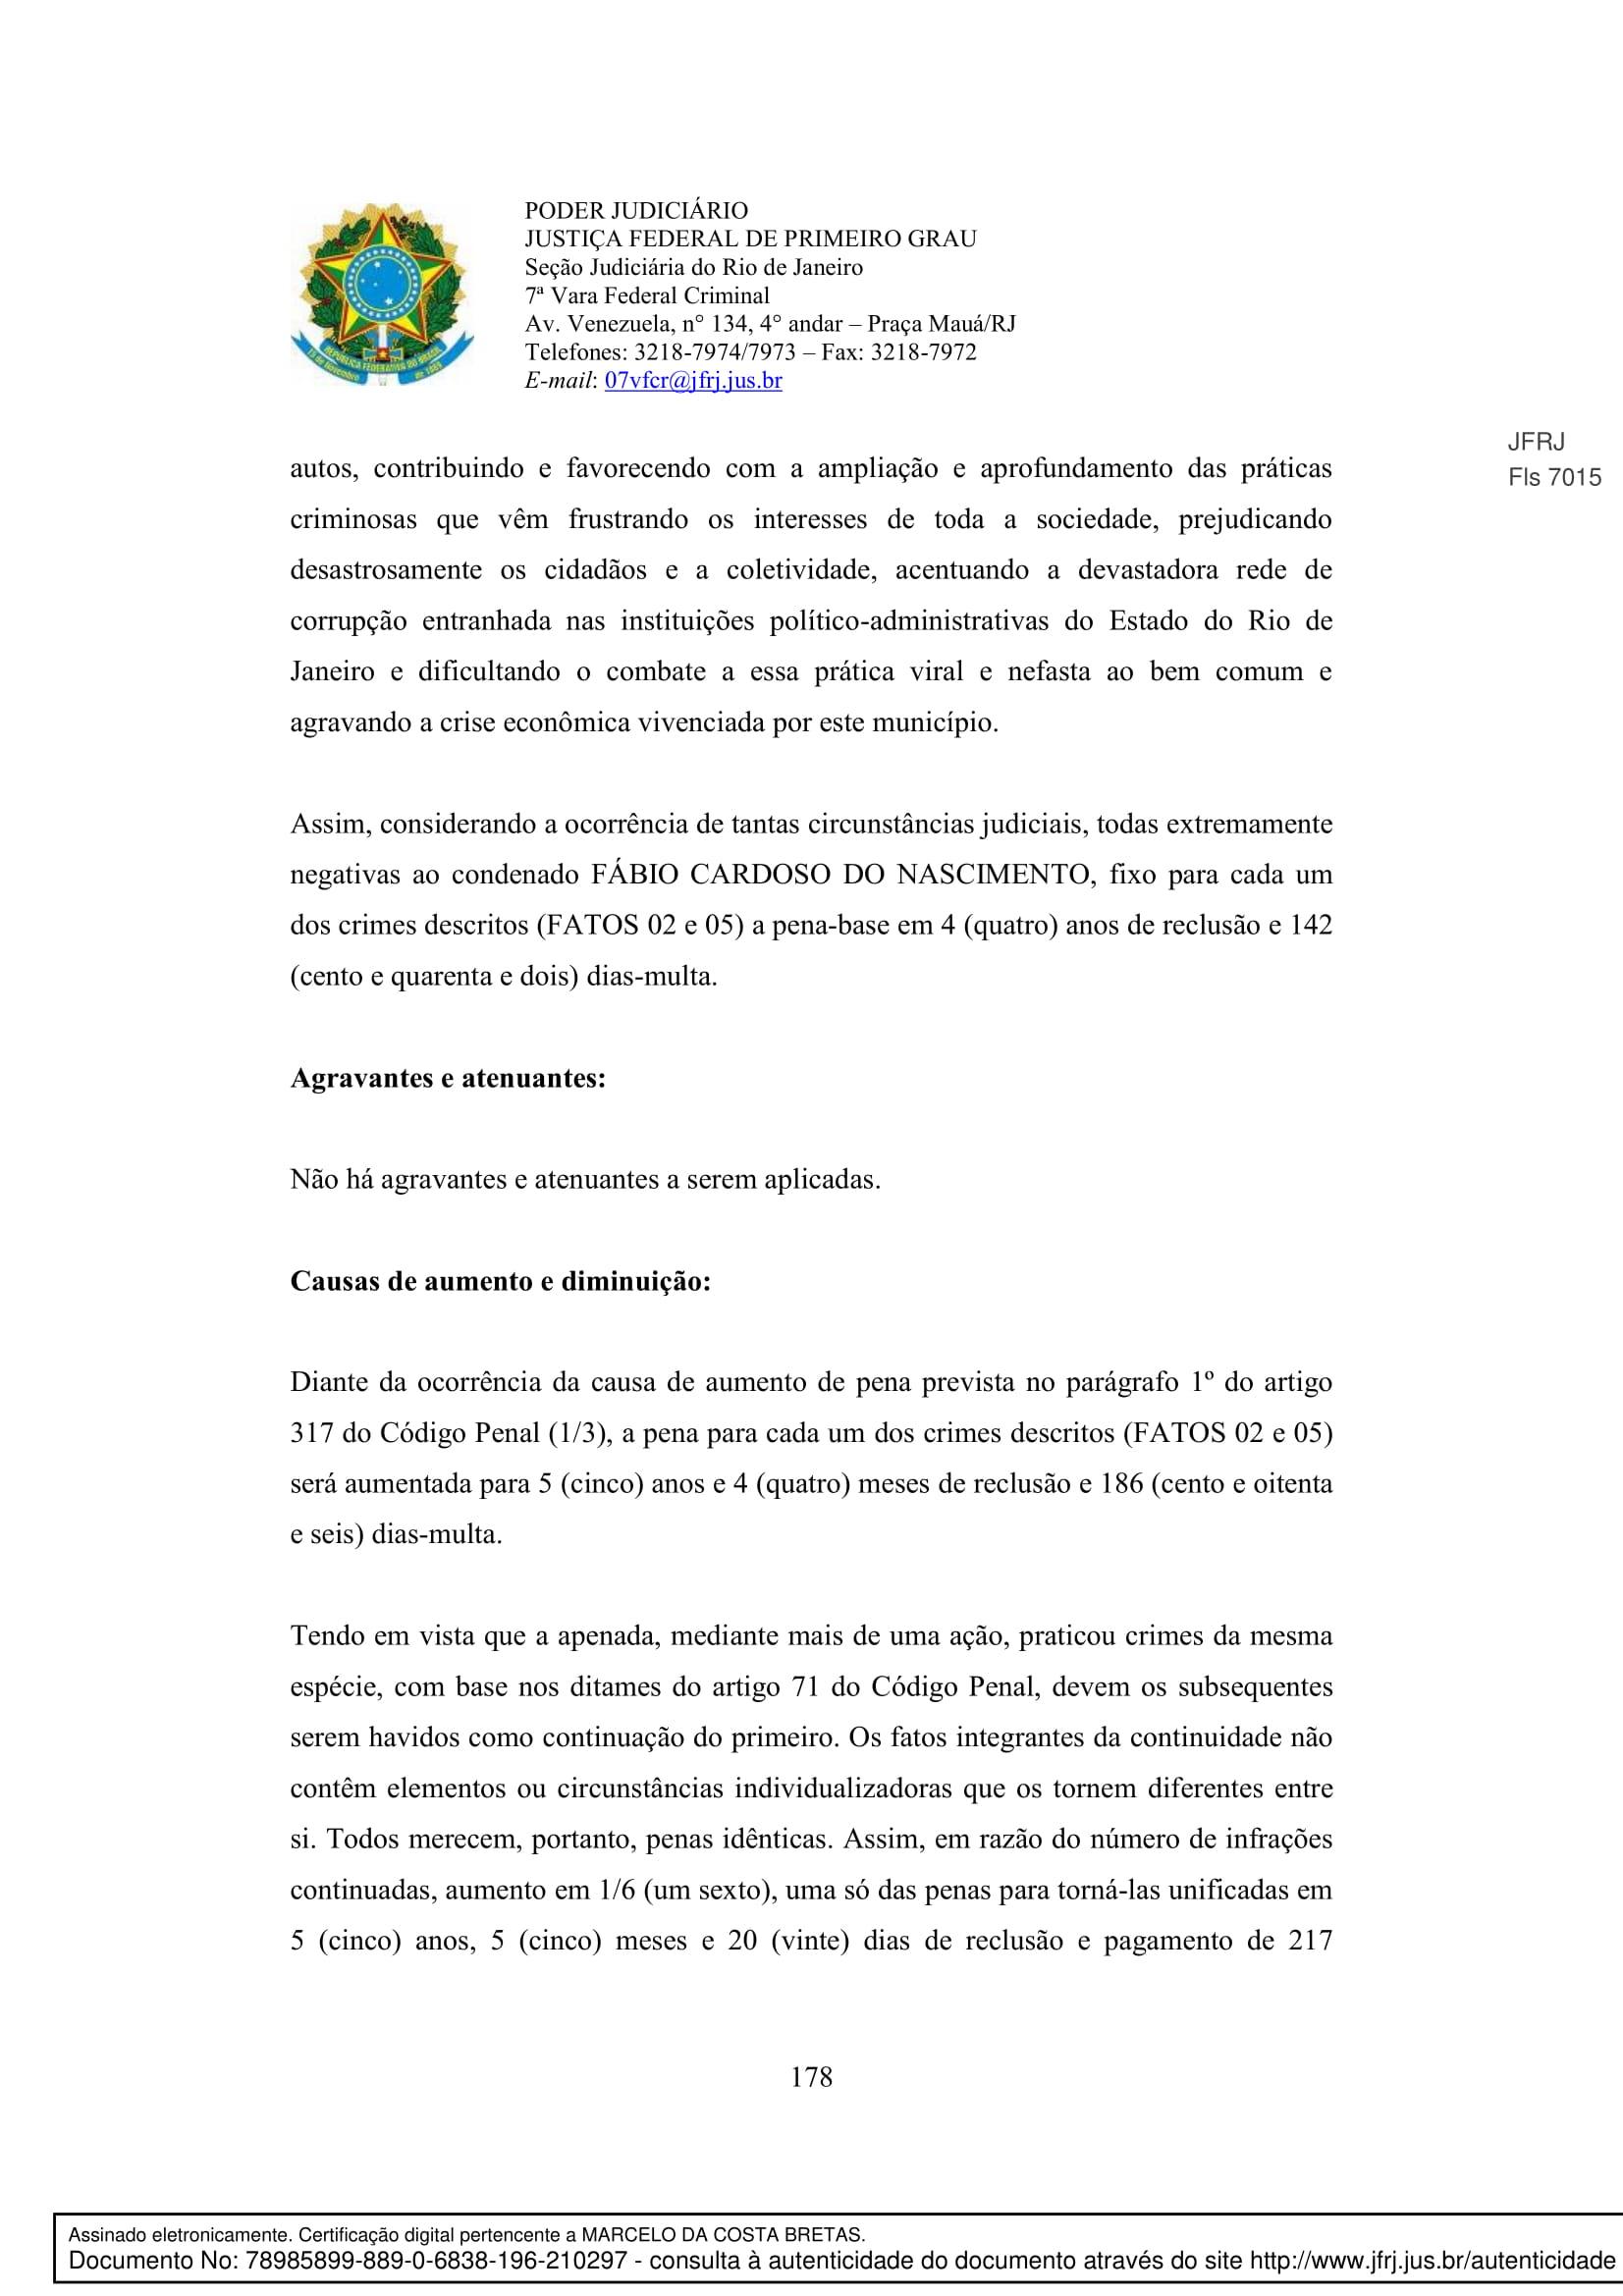 Sentenca-Cadeia-Velha-7VFC-178